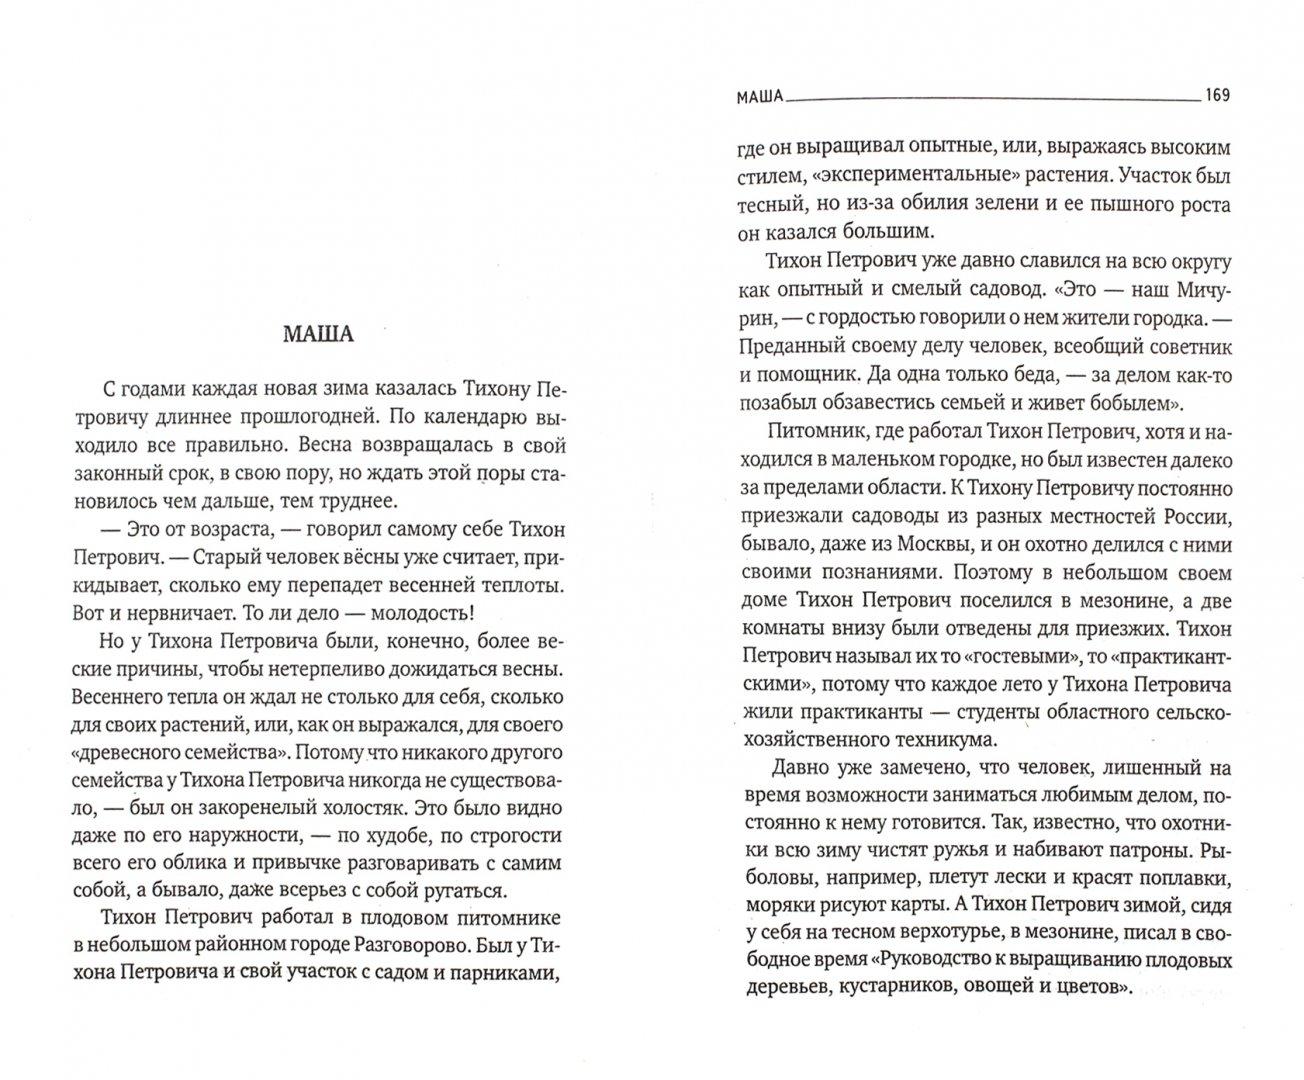 Иллюстрация 1 из 9 для Теплый хлеб. Избранные произведения - Константин Паустовский | Лабиринт - книги. Источник: Лабиринт